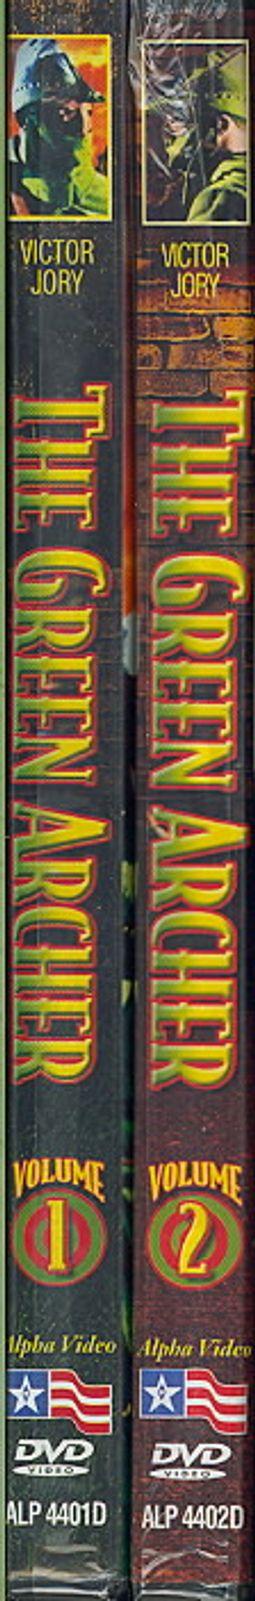 Green Archer - Volumes 1&2